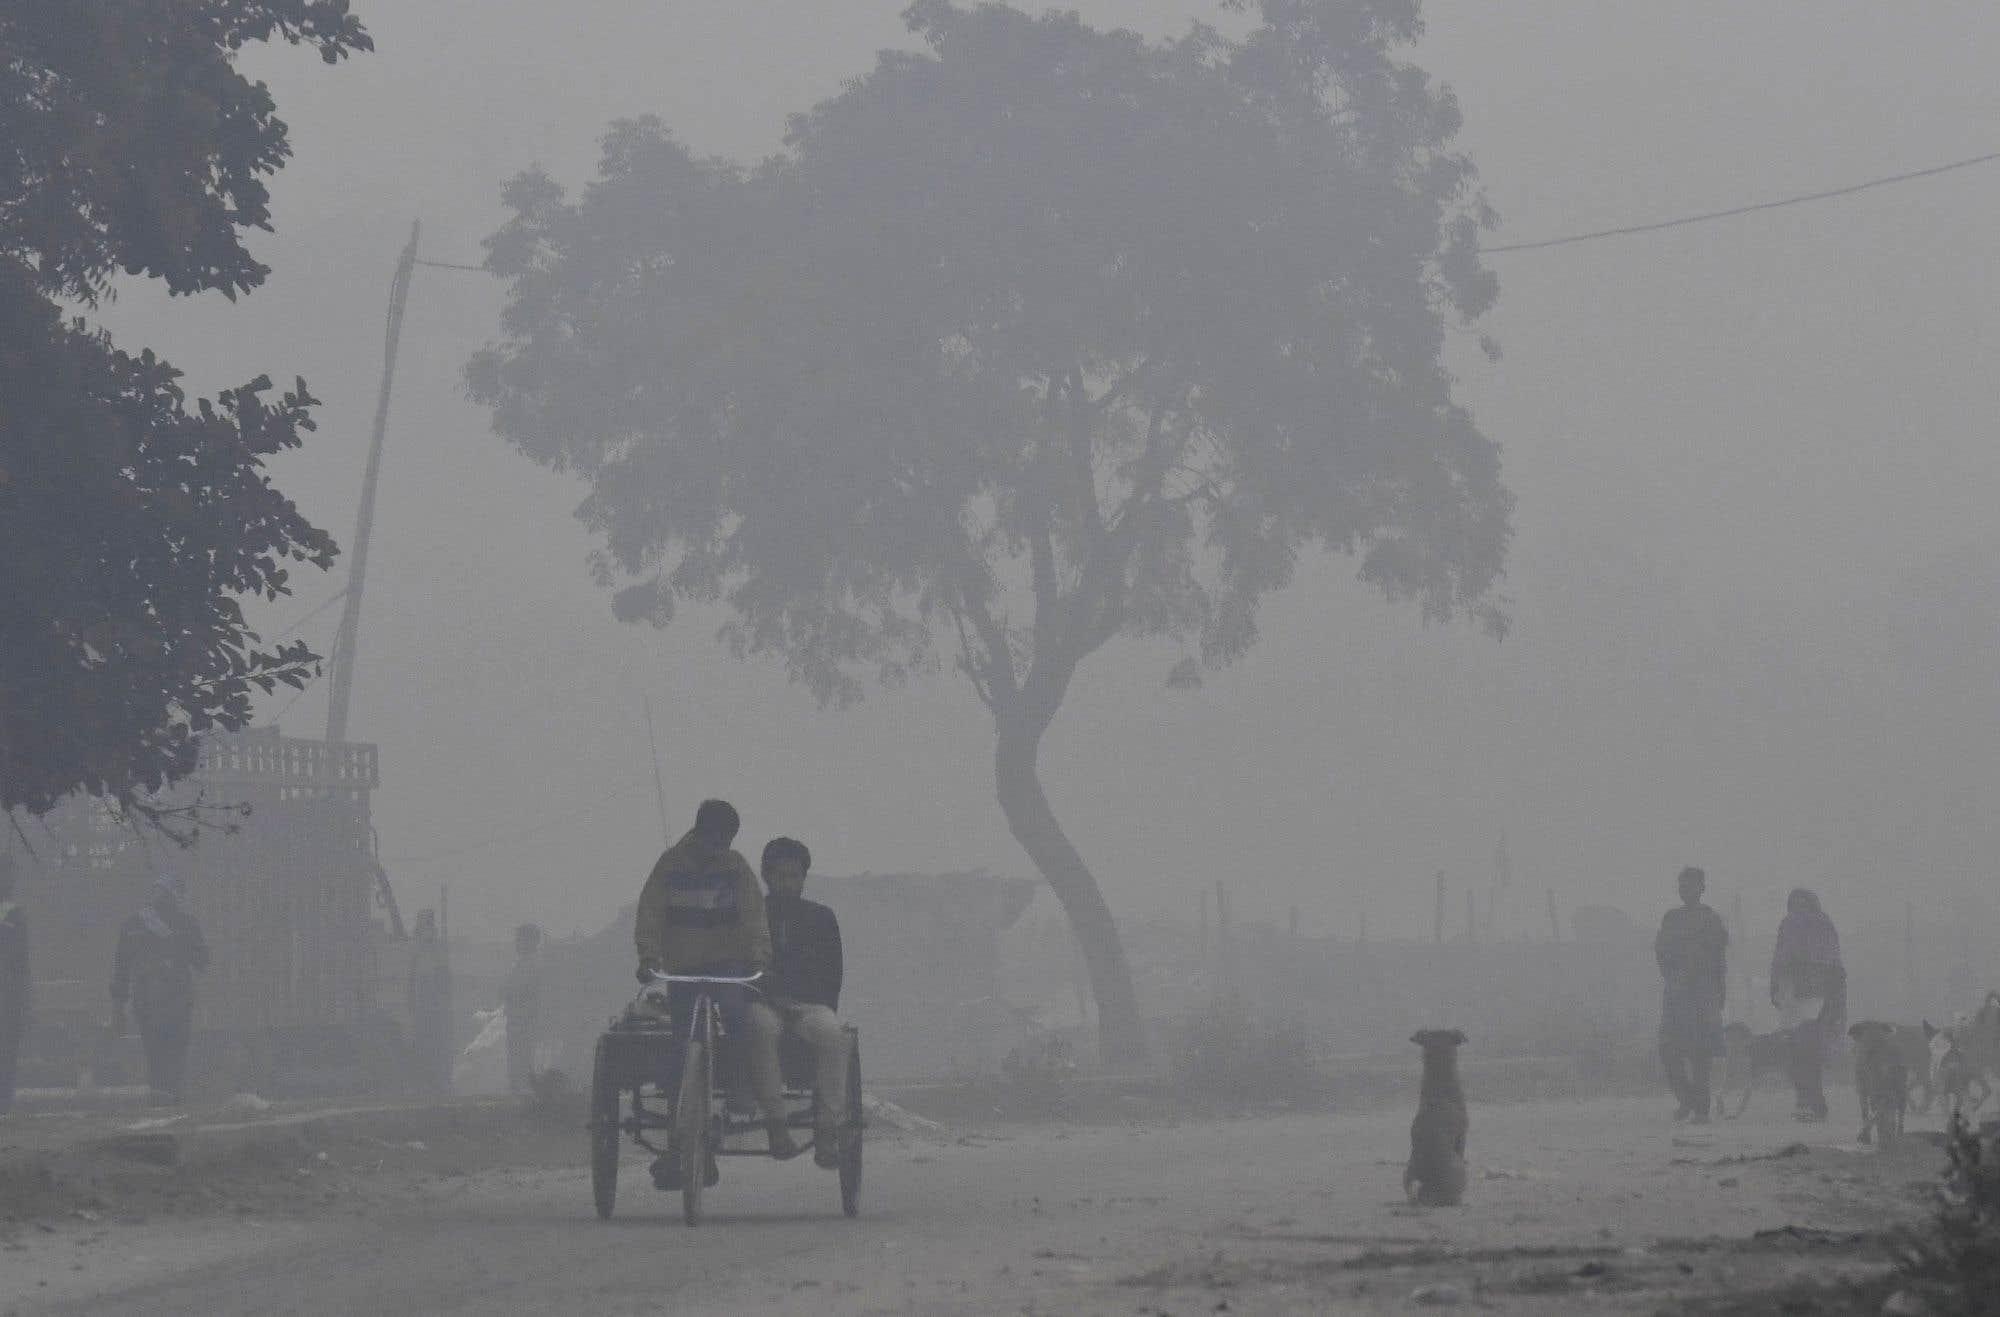 Matinée de smog dans la banlieue de New Delhi. La capitale de l'Inde a souffert d'un smog dense qui a perturbé les services aériens et ferroviaires et forcé les résidants à rester à l'intérieur ou à porter des masques lorsqu'ils s'aventurent à l'extérieur.